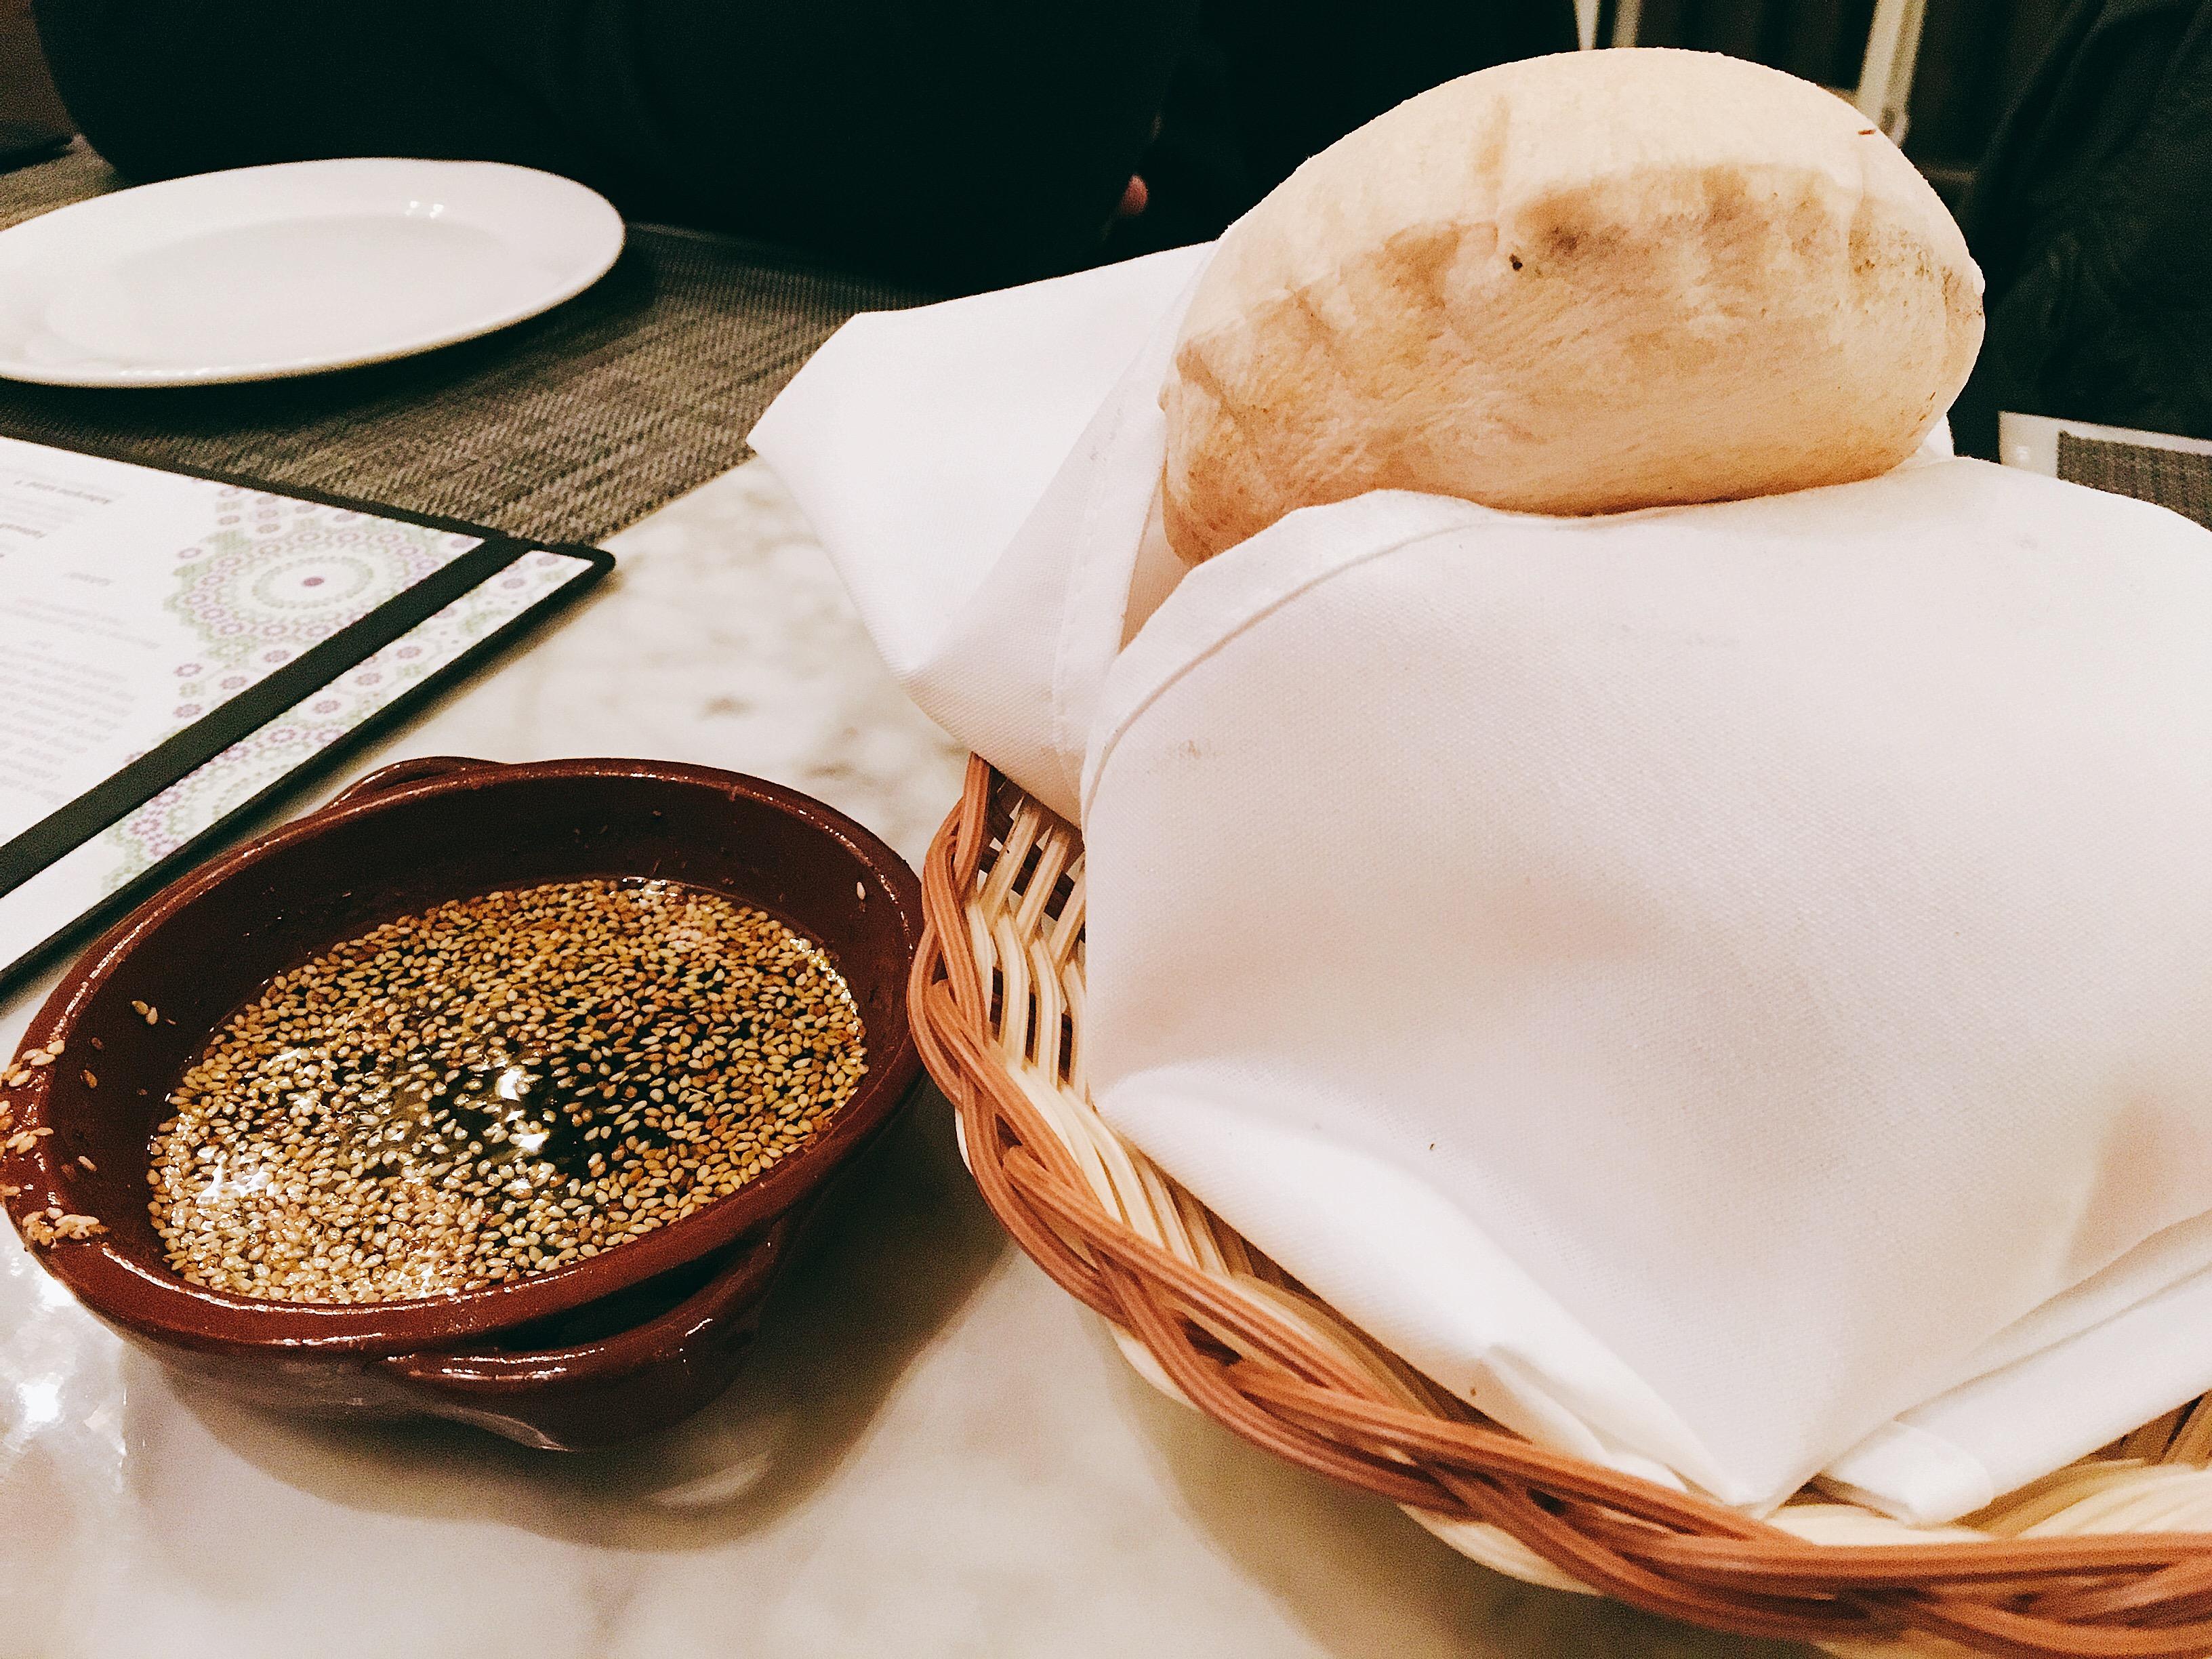 Zatar and warm pita.